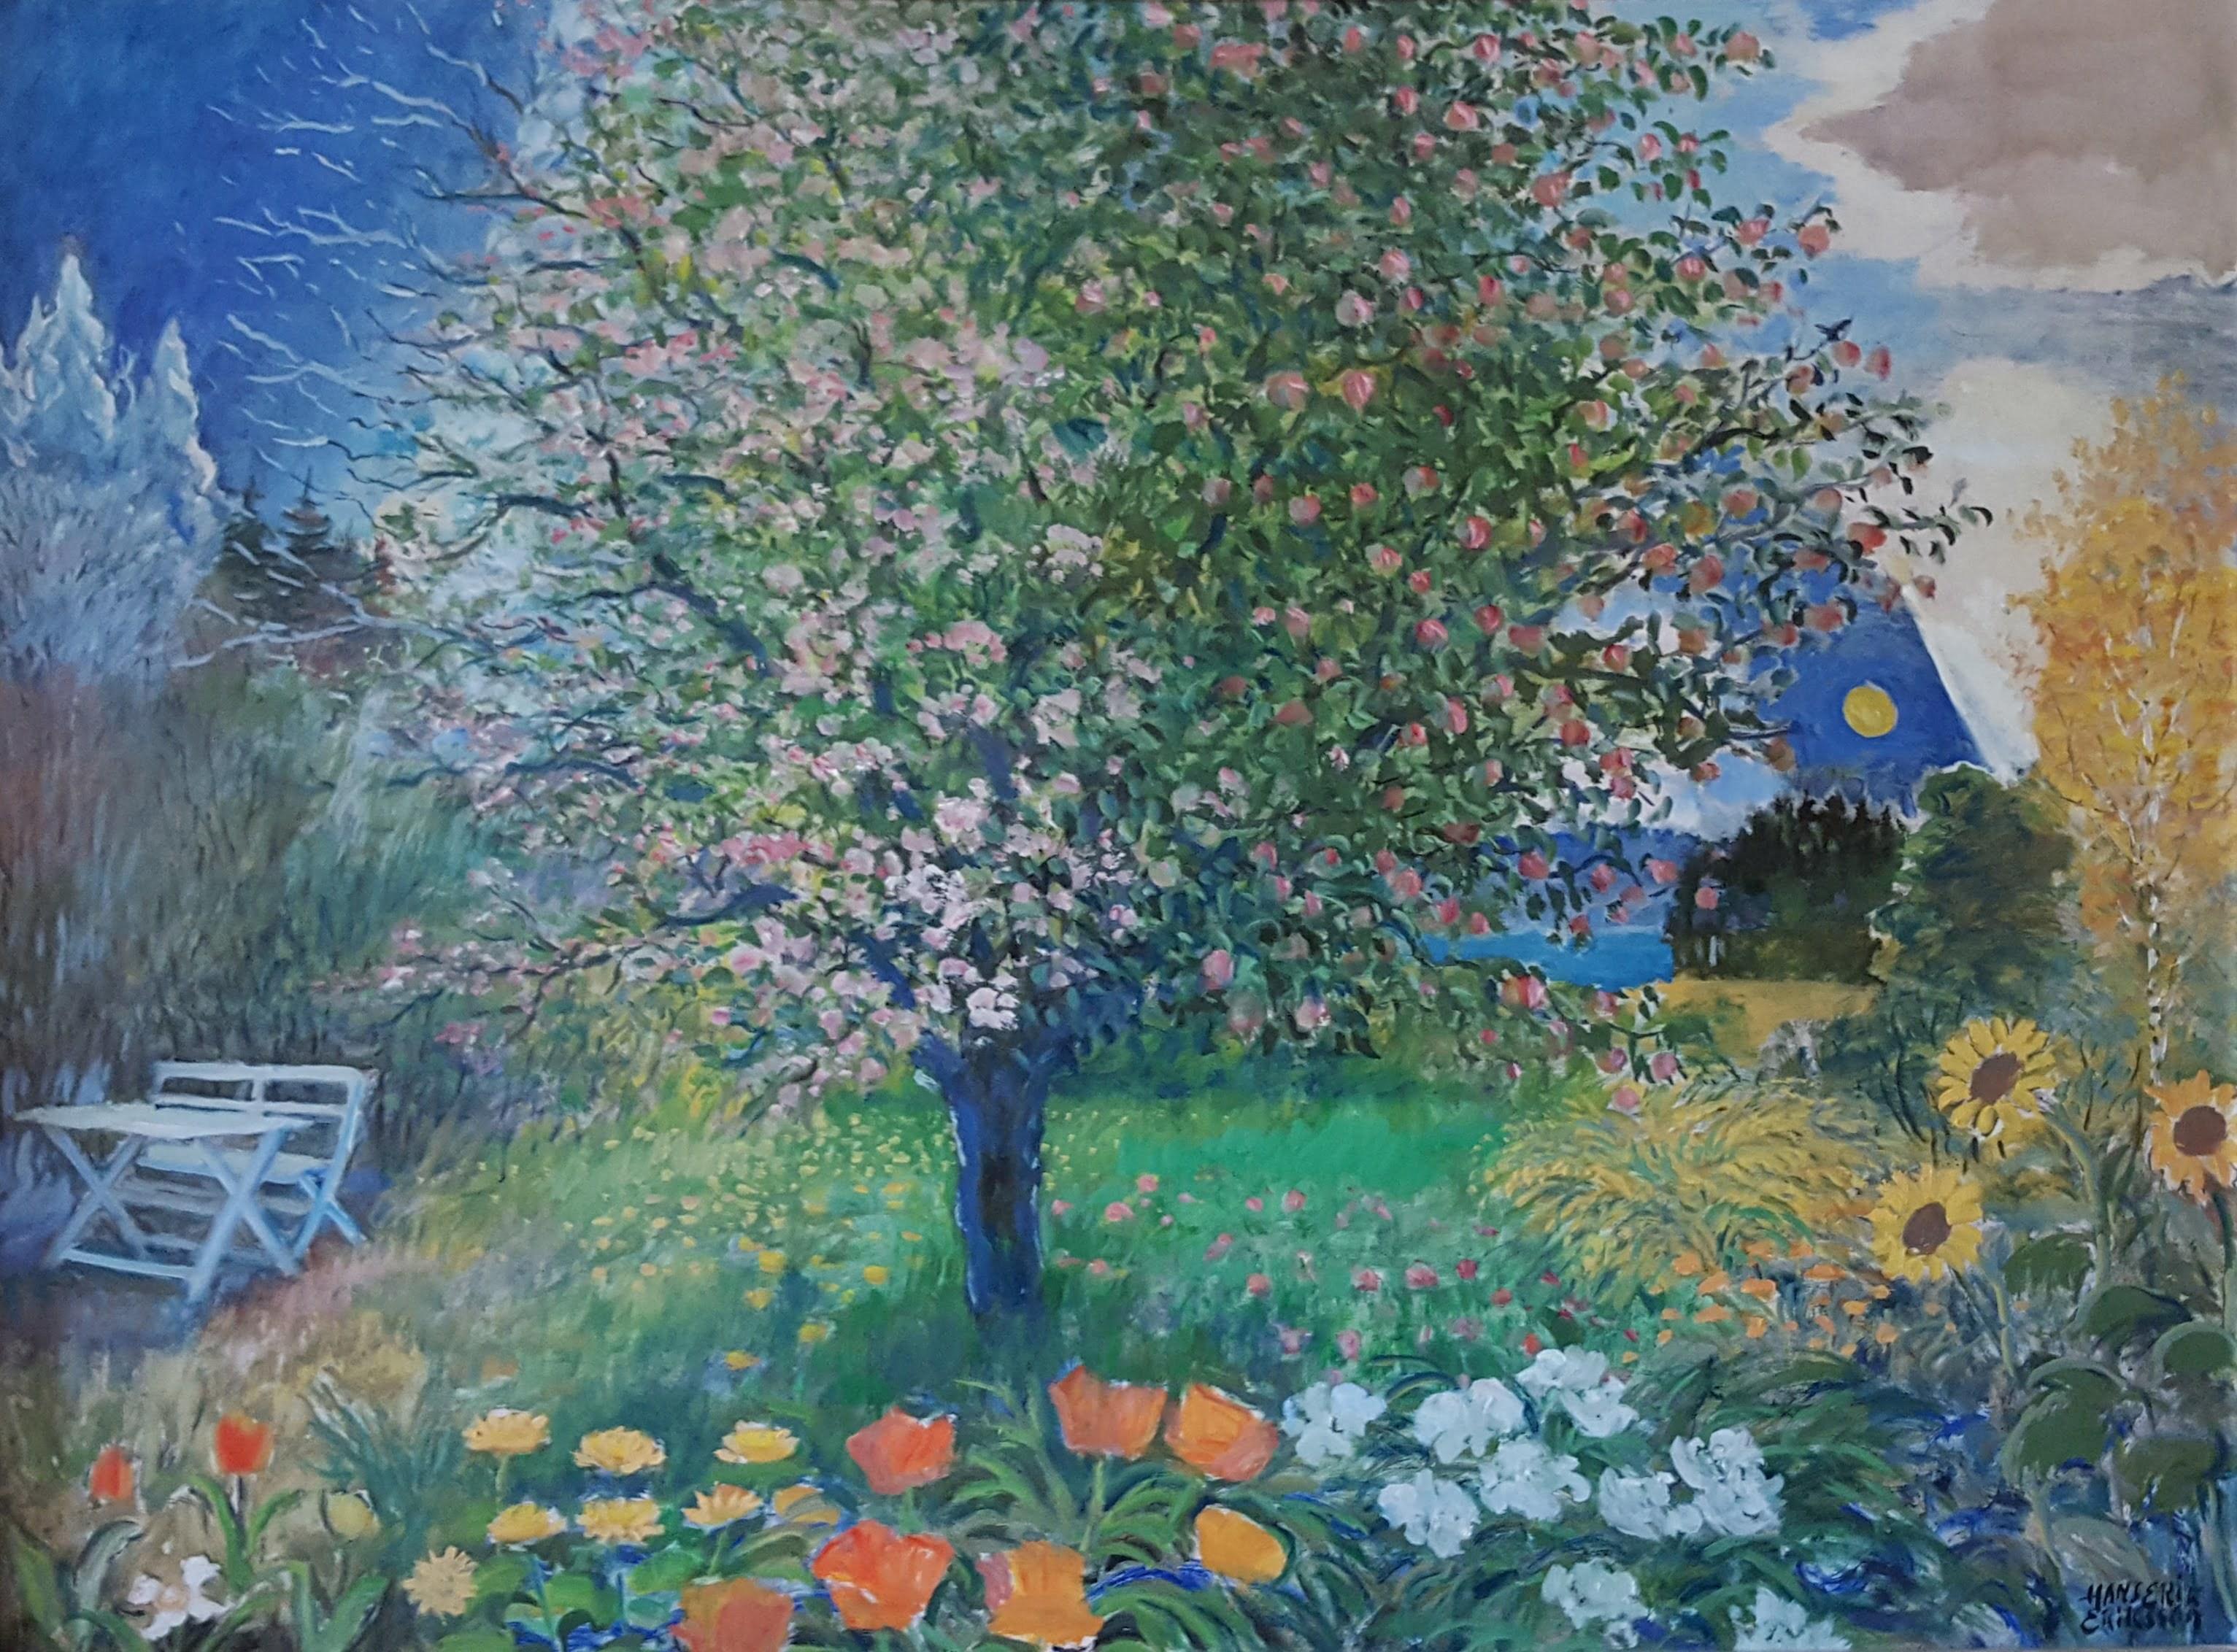 Bildet er malt av den svenske kunstneren Hans Erik Eriksson